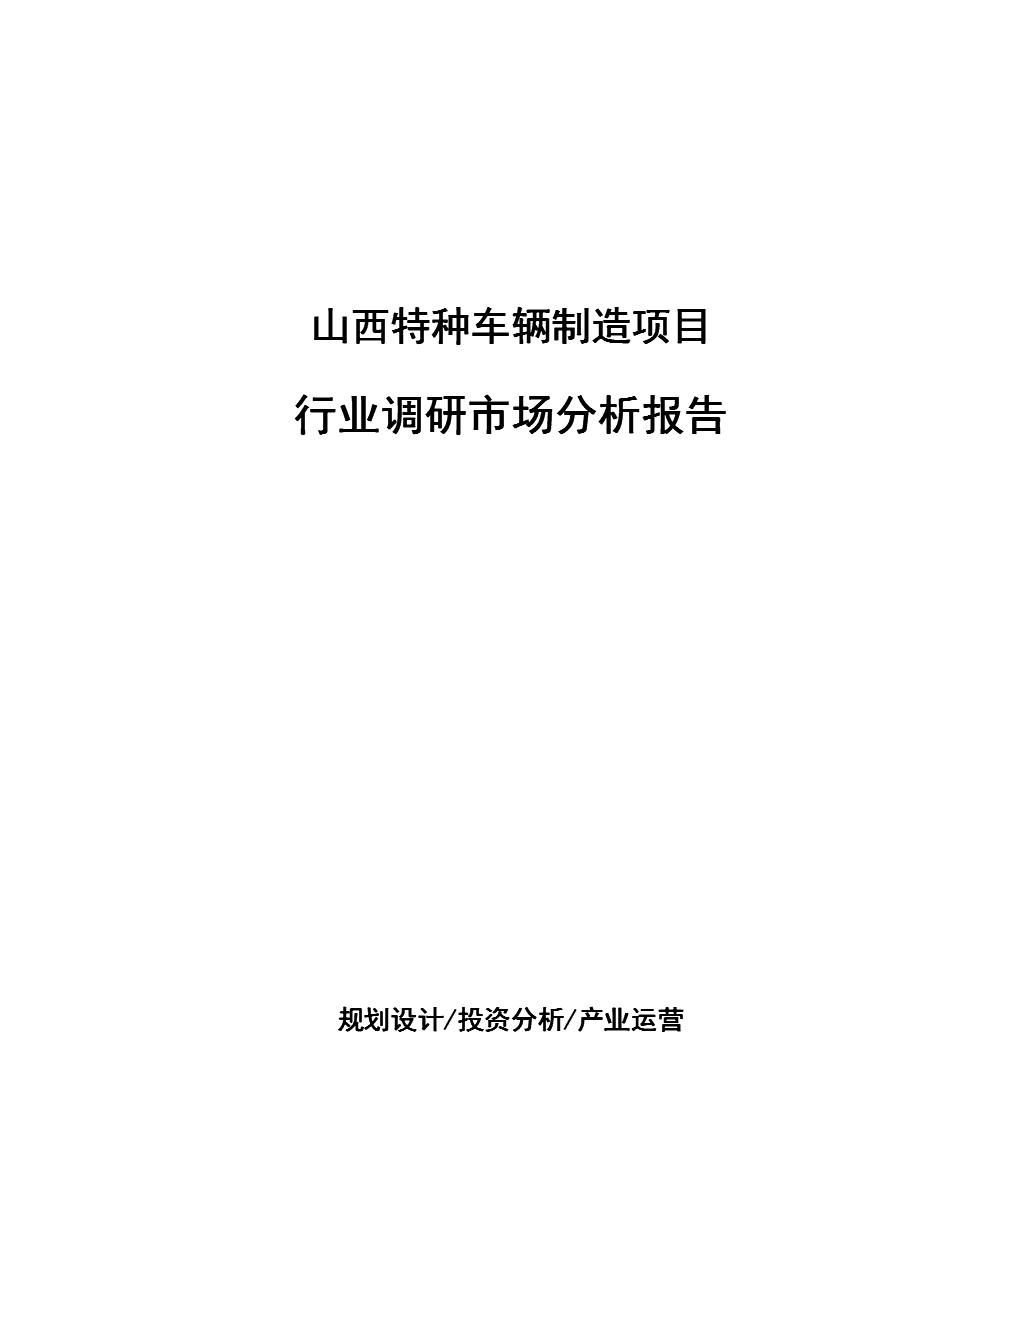 山西特种车辆制造项目行业调研市场分析报告.docx